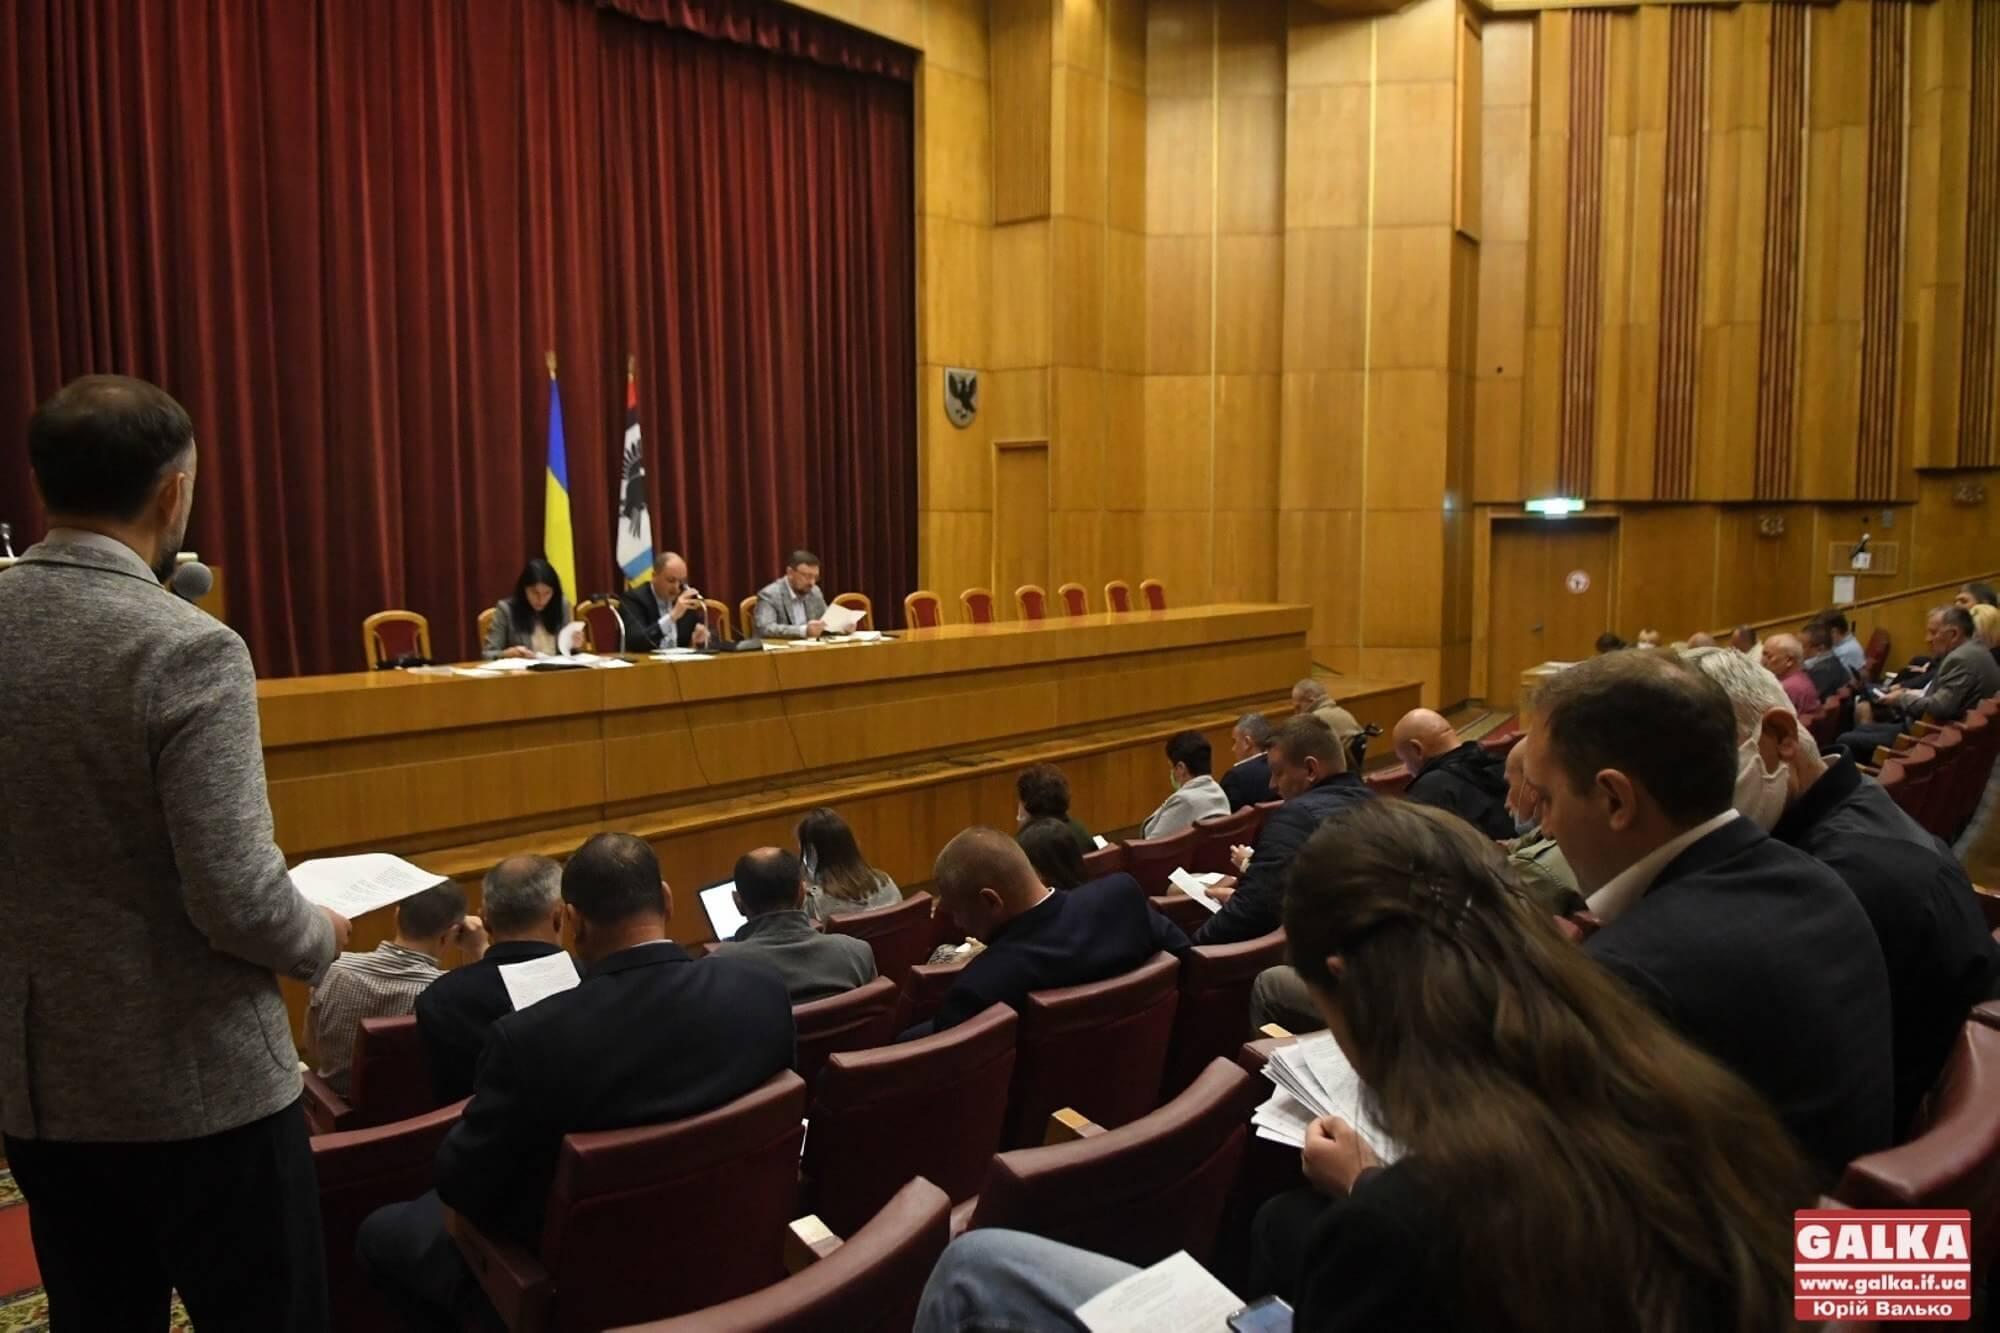 Депутати райради просять Кабмін перевести залізницю Прикарпаття на електротягу (ЗВЕРНЕННЯ)